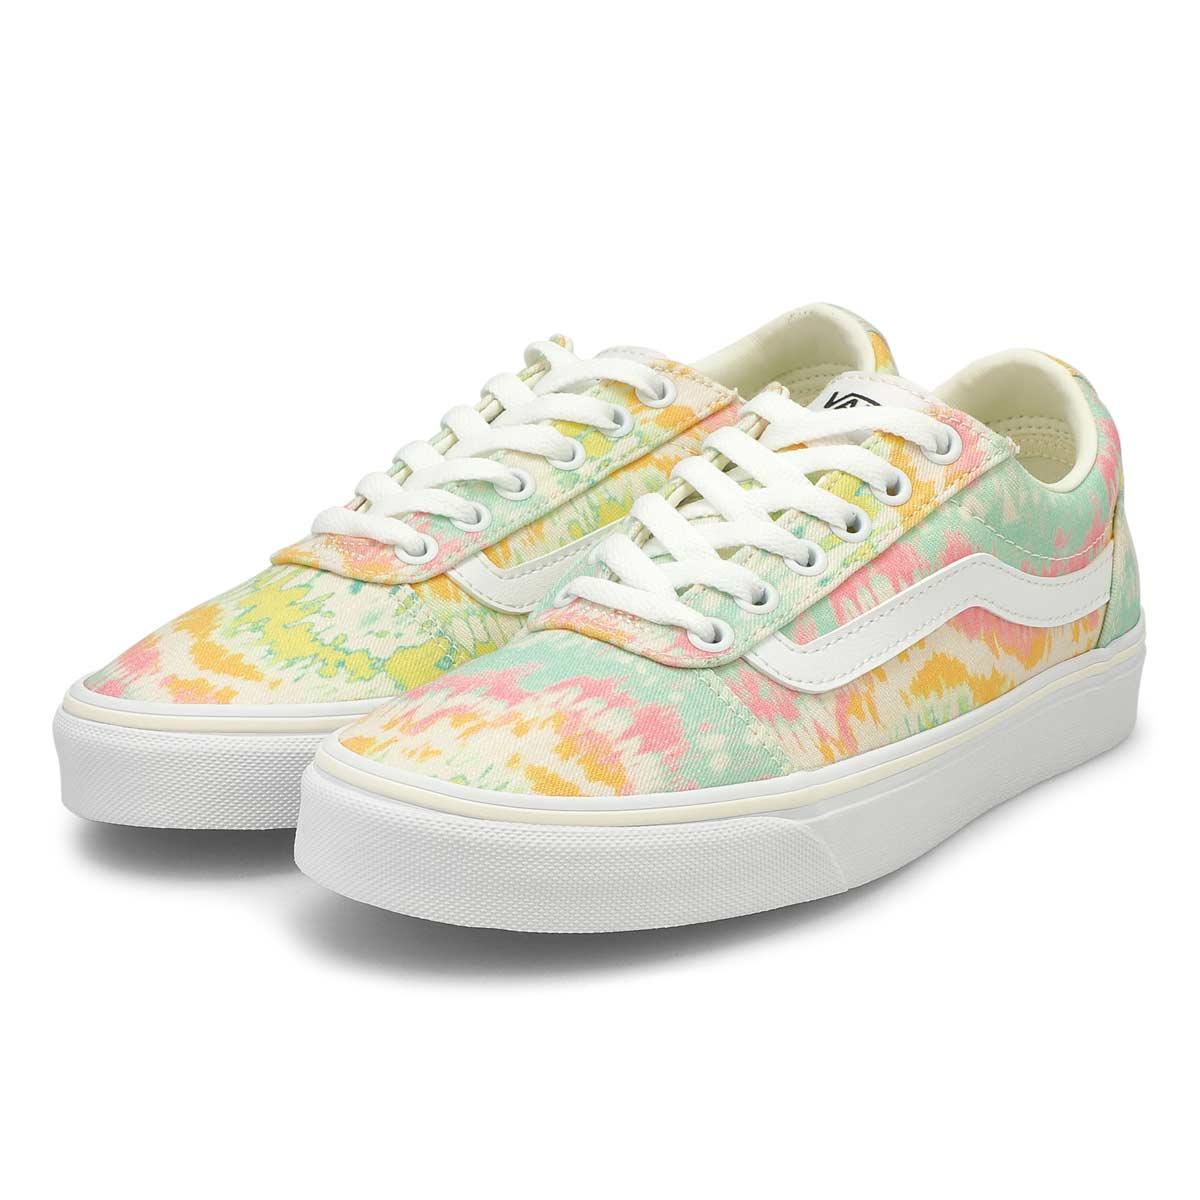 Women's Ward Sneaker - Tie Dye Multi/White